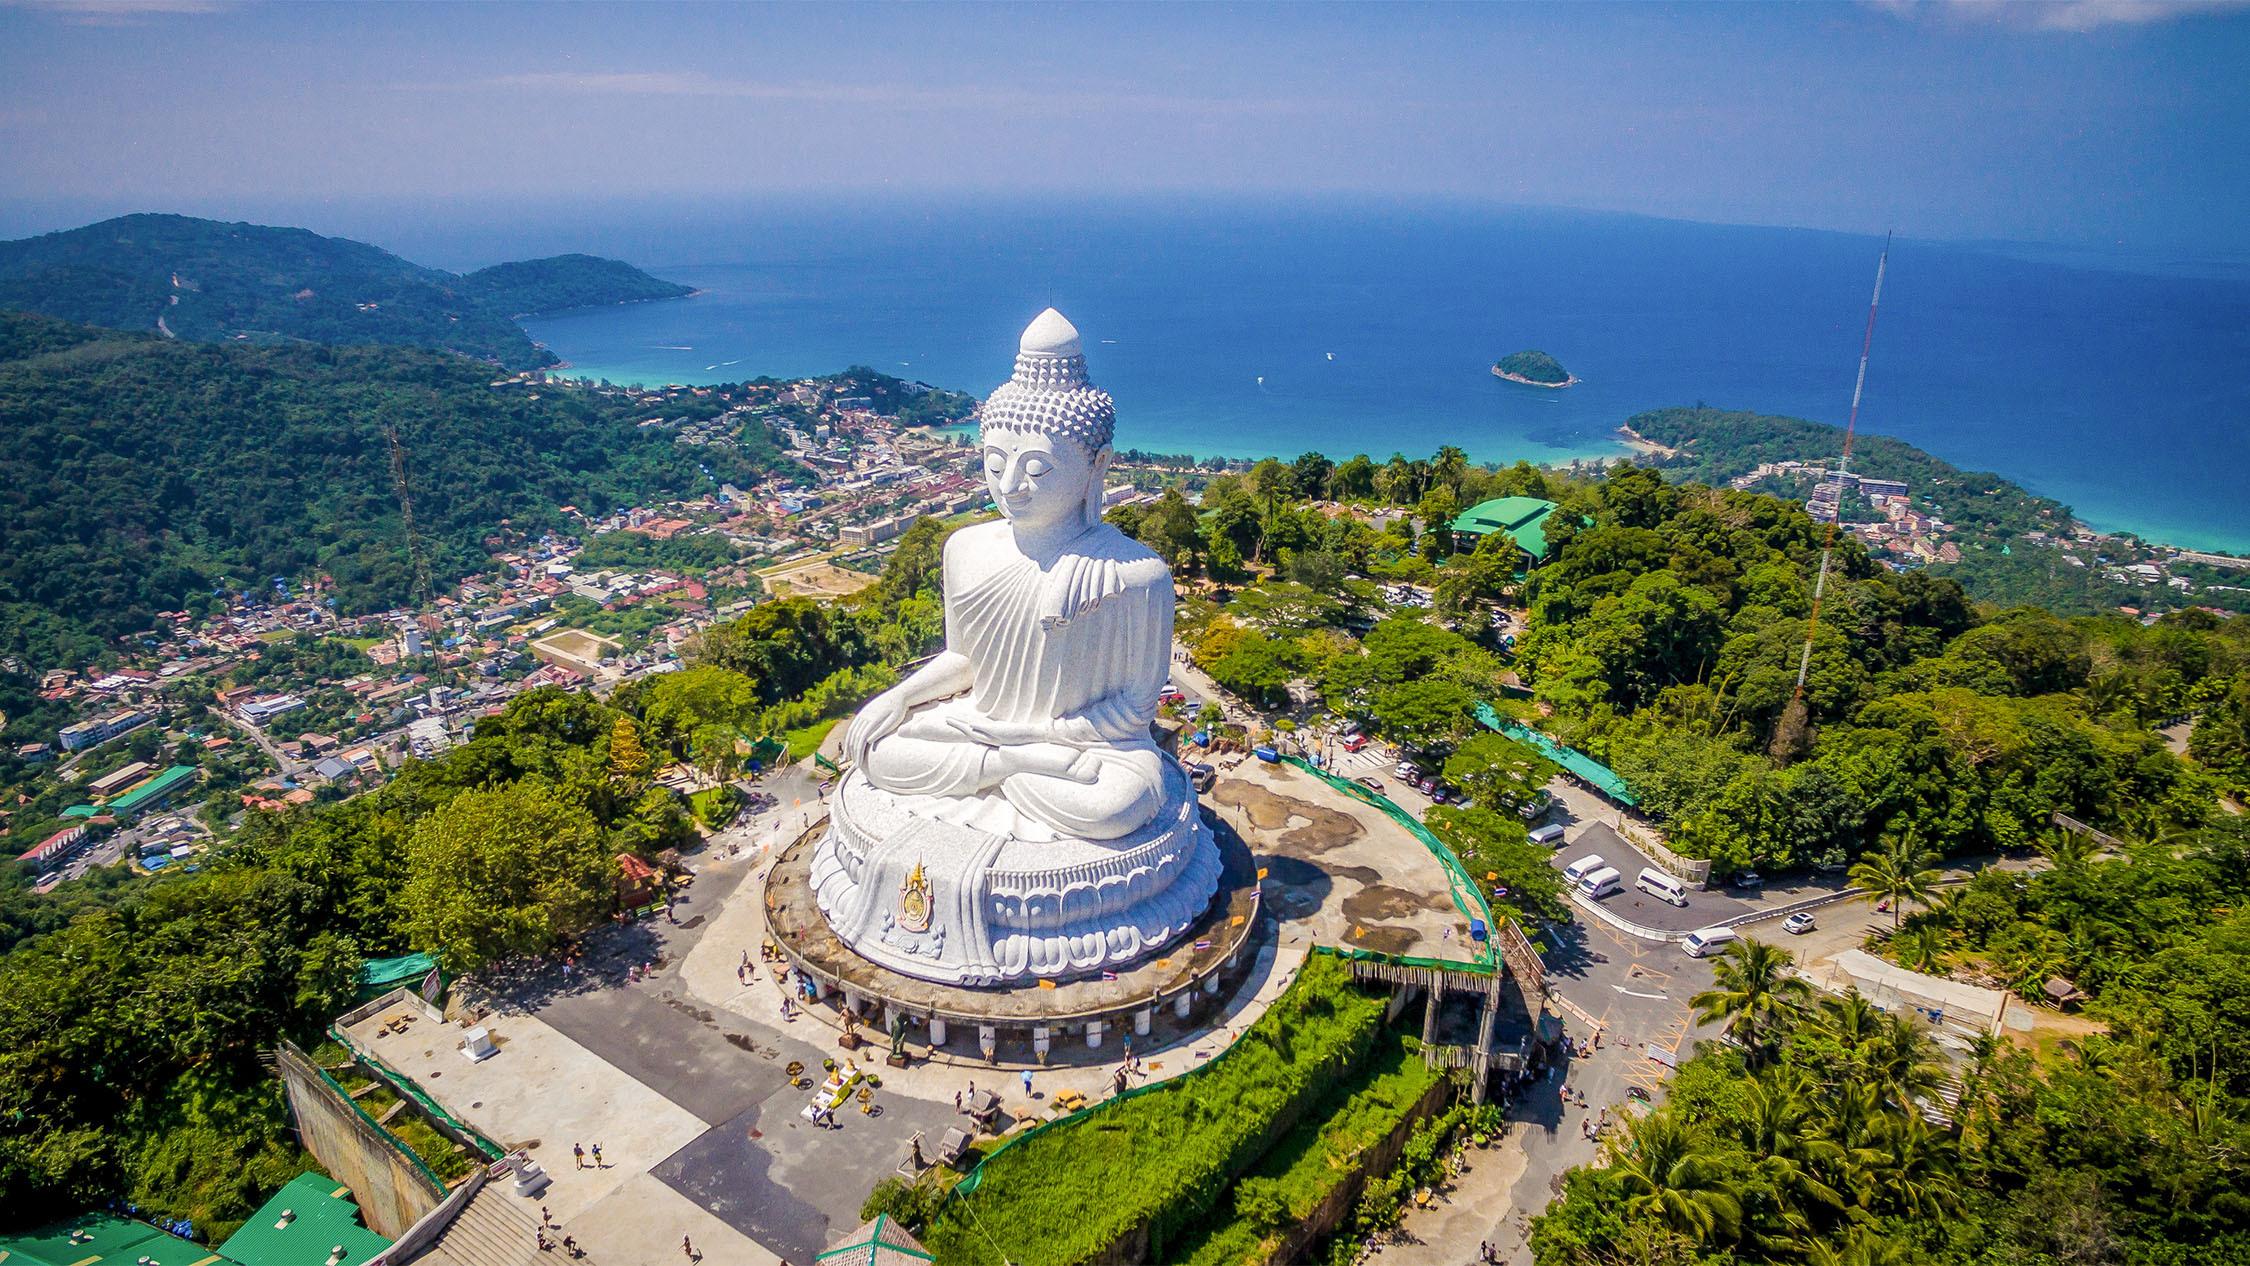 11 reasons to visit Phuket in 2019